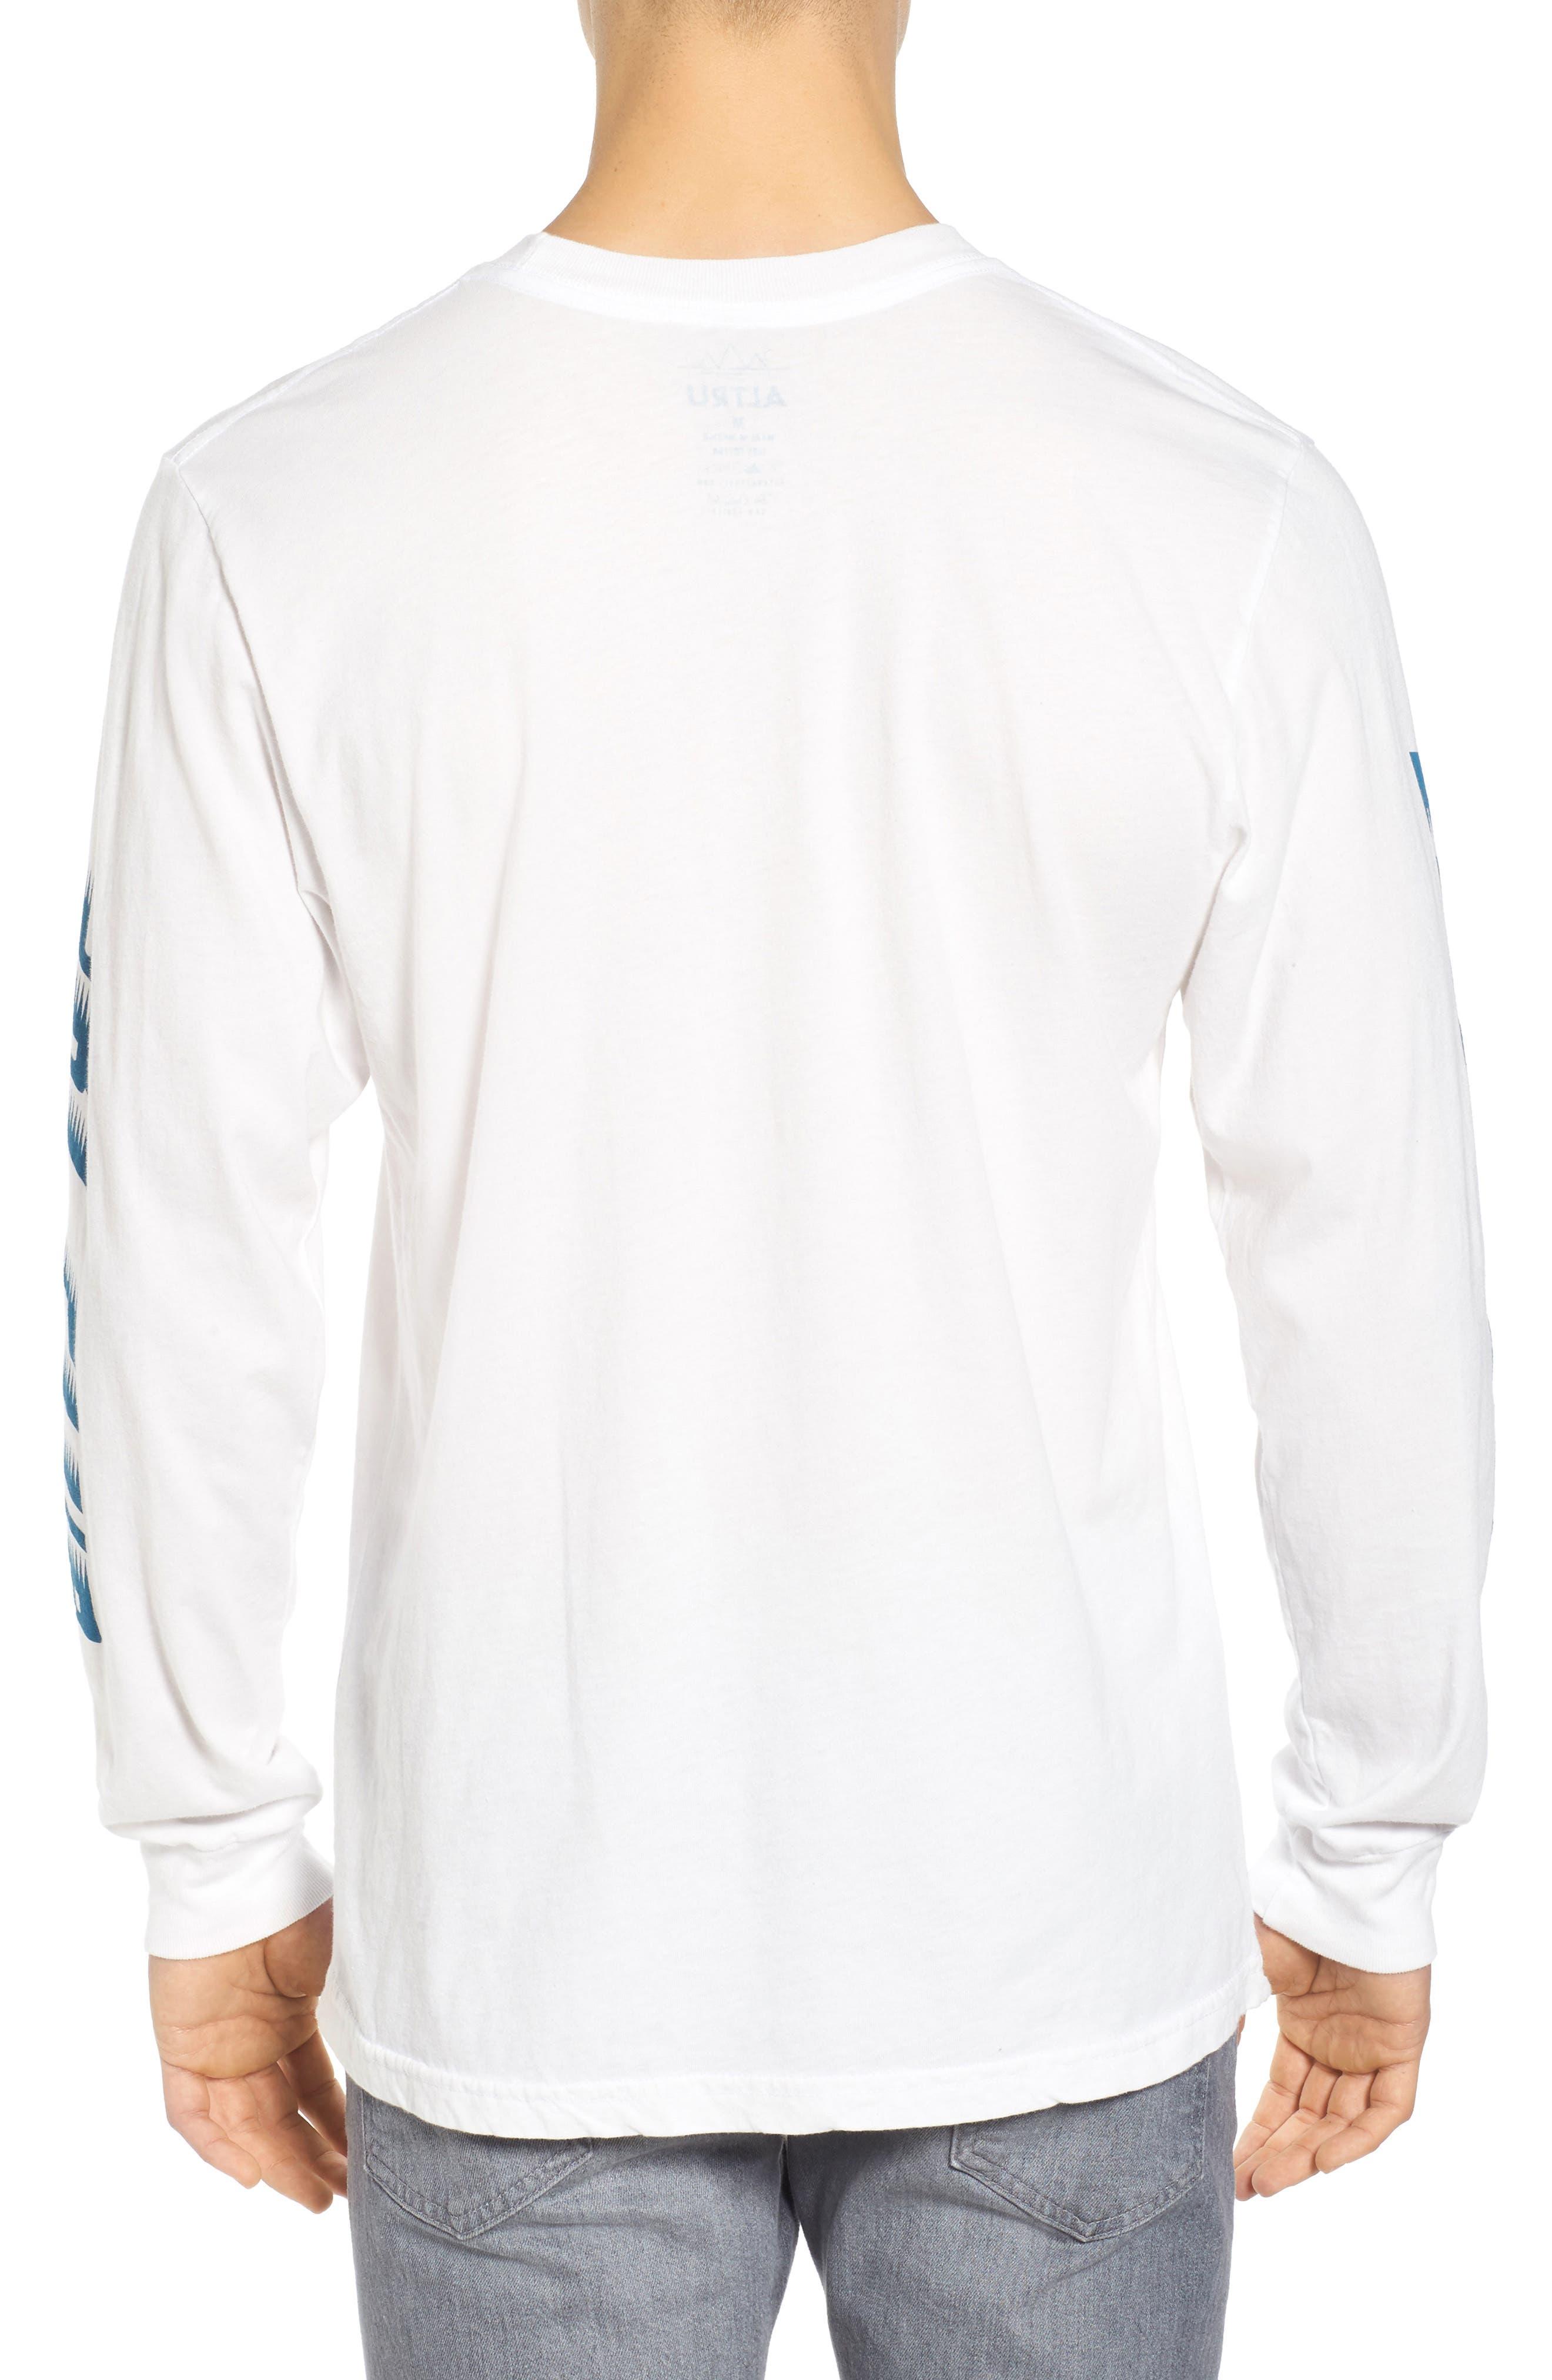 Arctic Ski Club T-Shirt,                             Alternate thumbnail 2, color,                             100